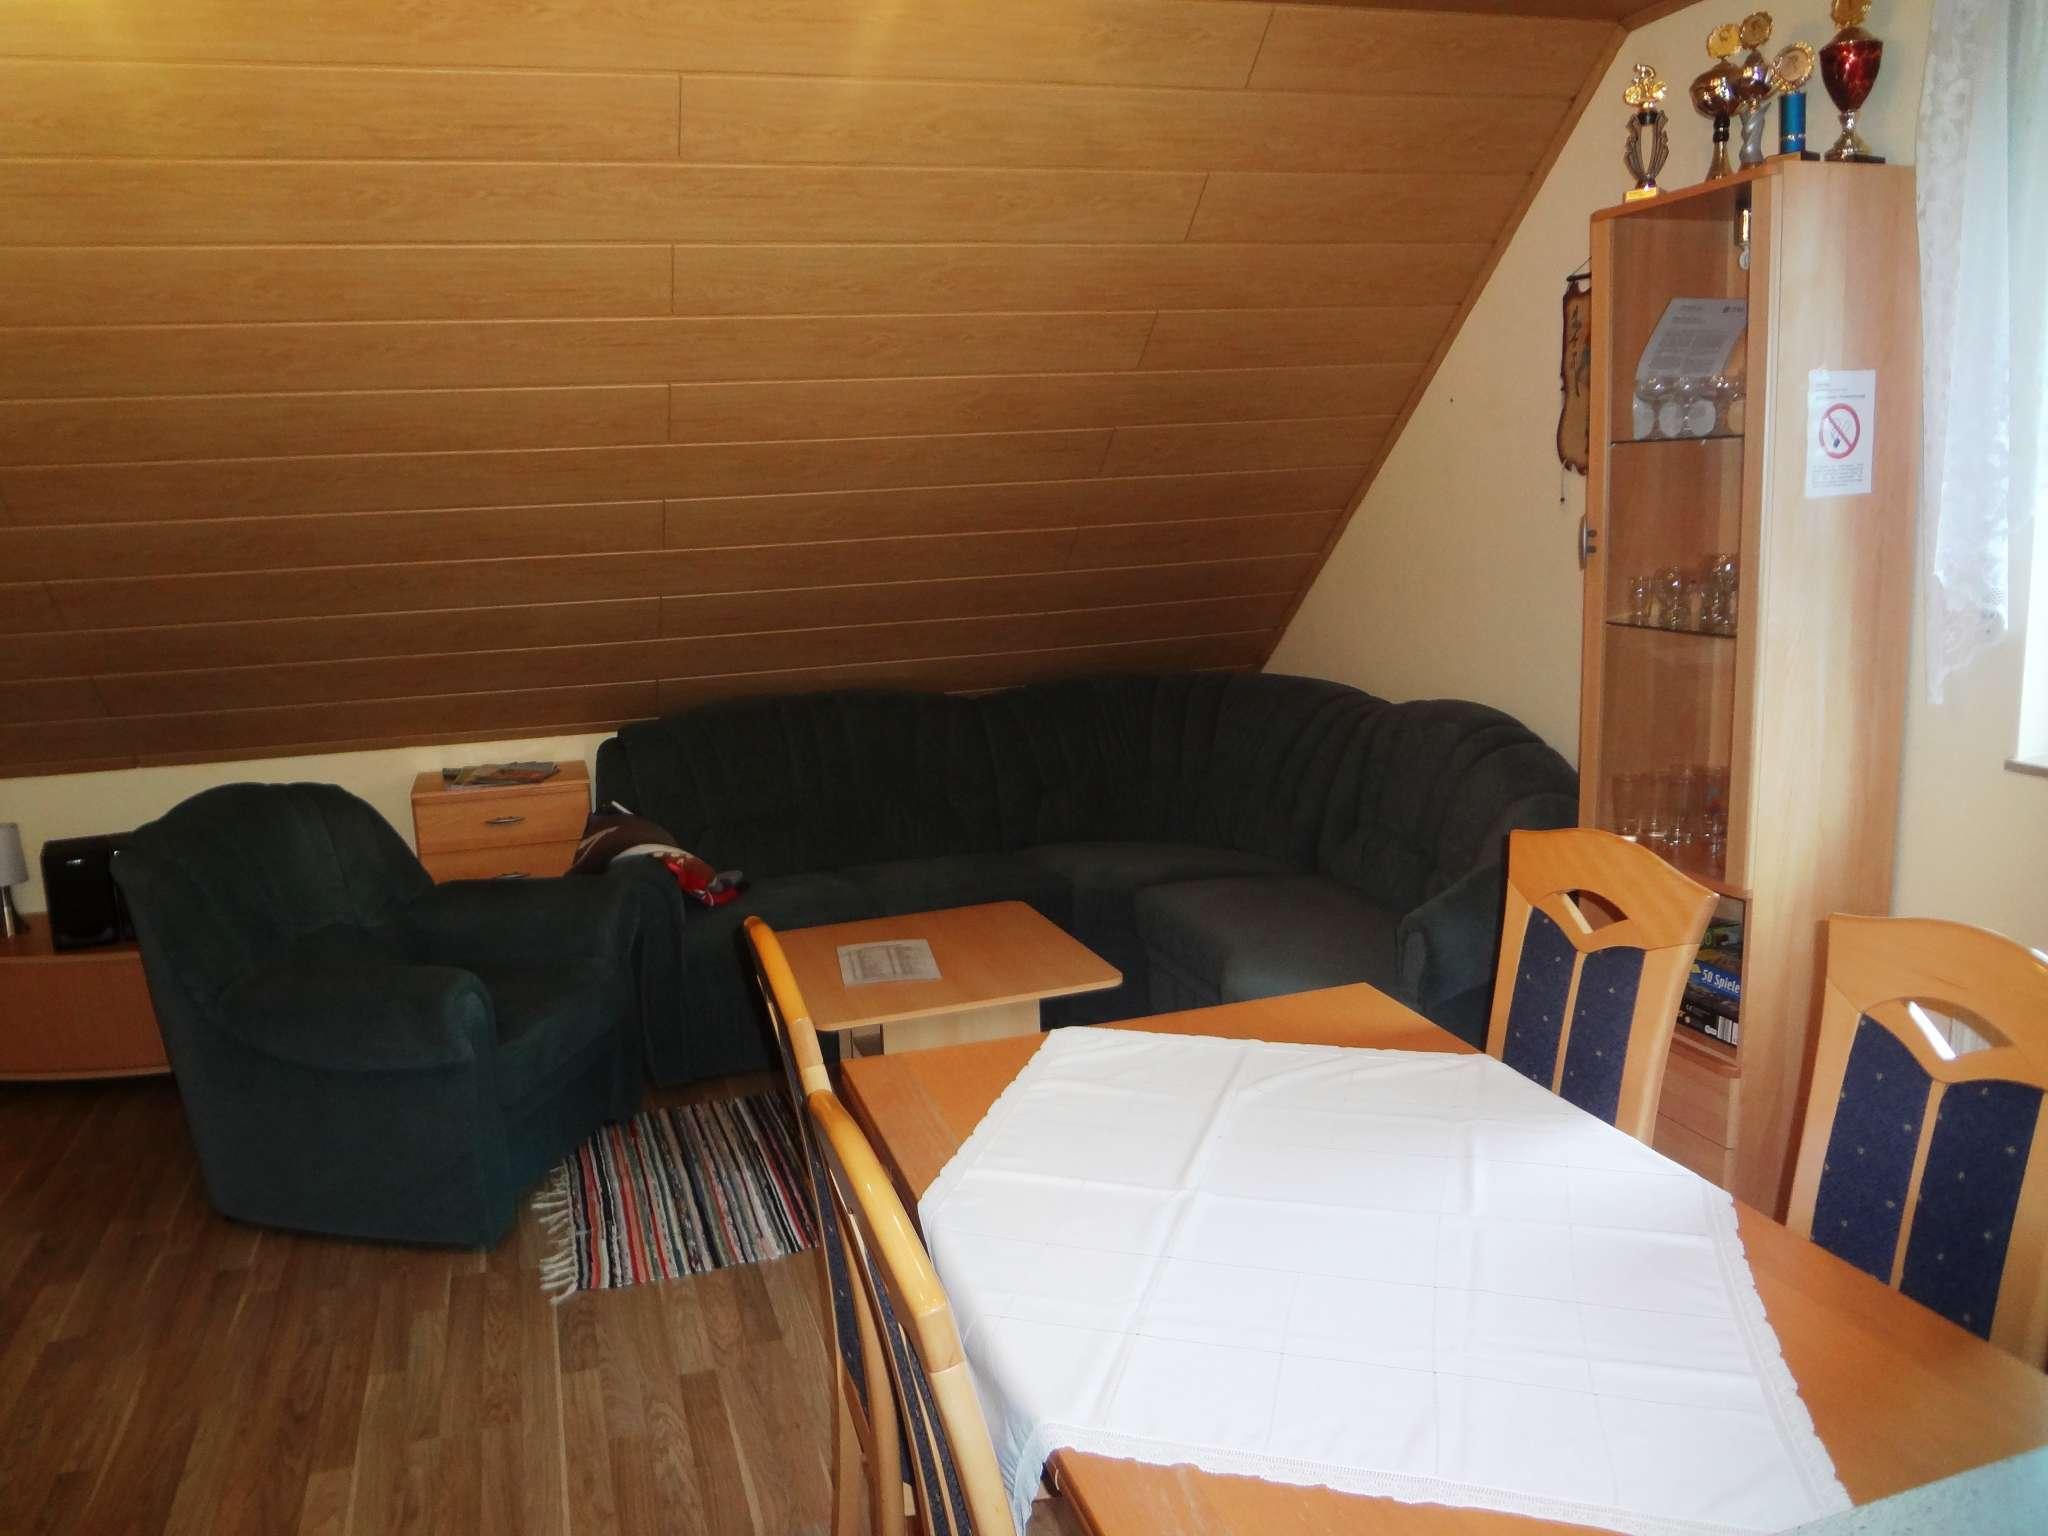 Wohnbereich mit Aufgang zu Schlafräumen